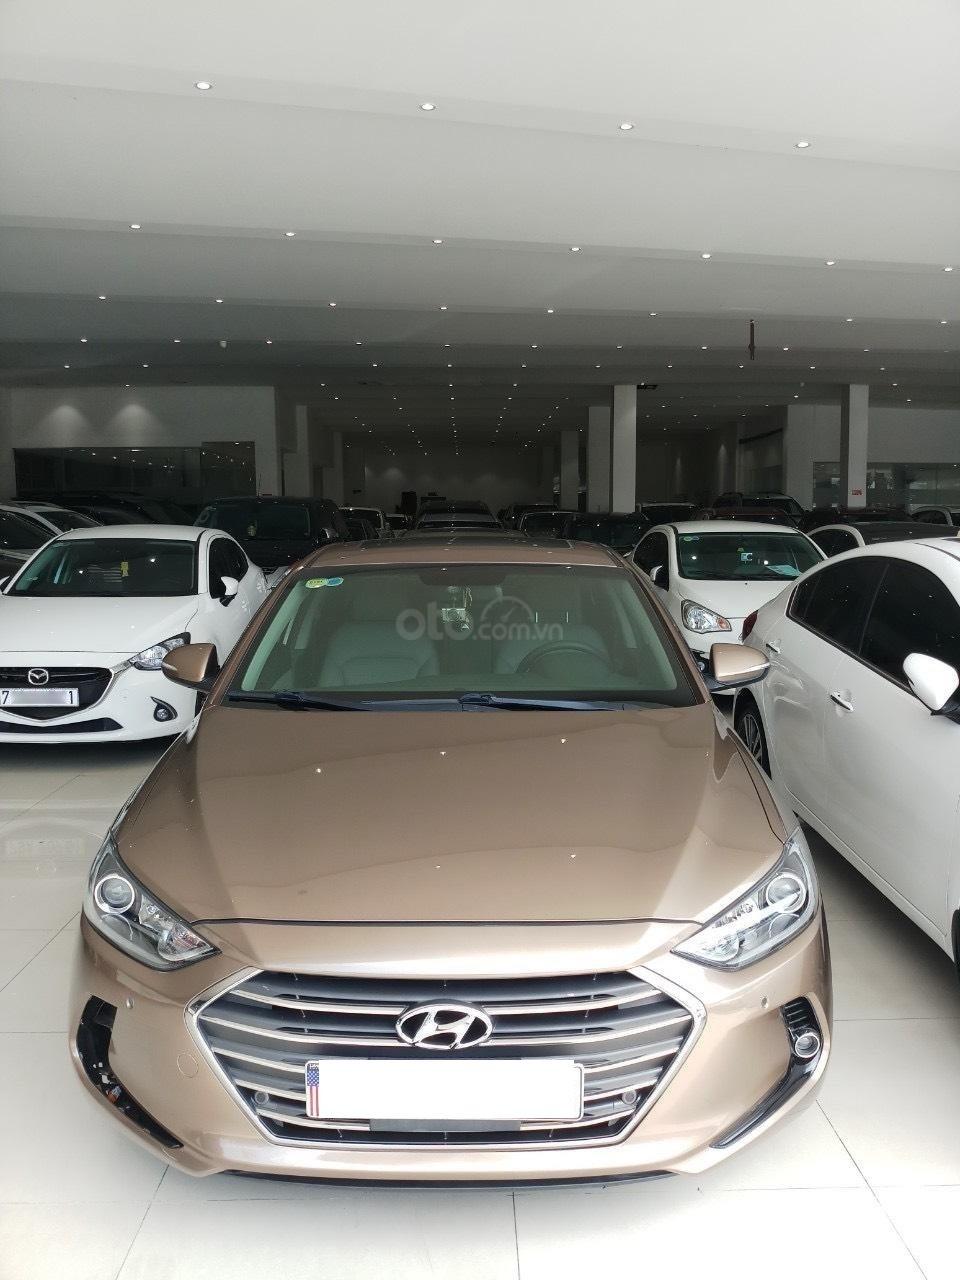 Cần bán Hyundai Elantra 2.0 AT vàng cát 2017 đẹp nguyên bản như mới (2)